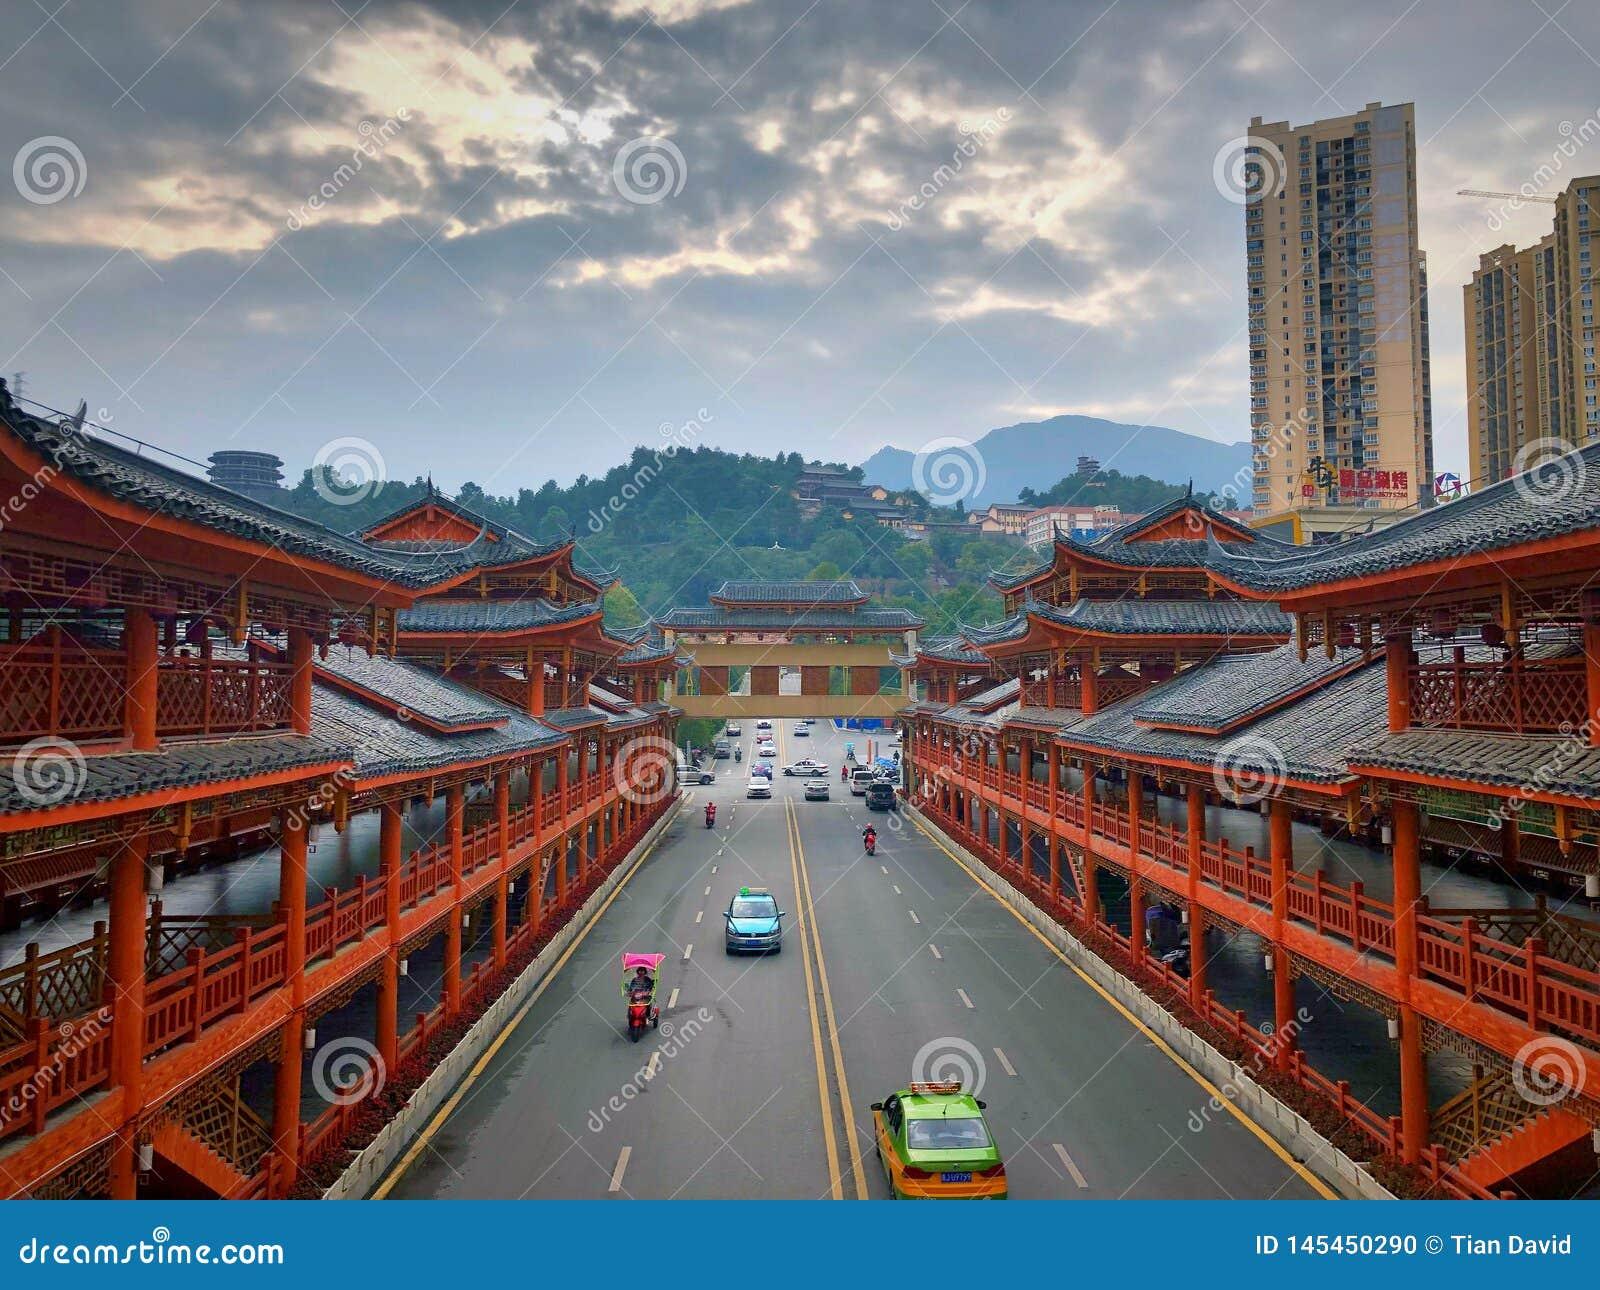 Minderheidsarchitectuur in China